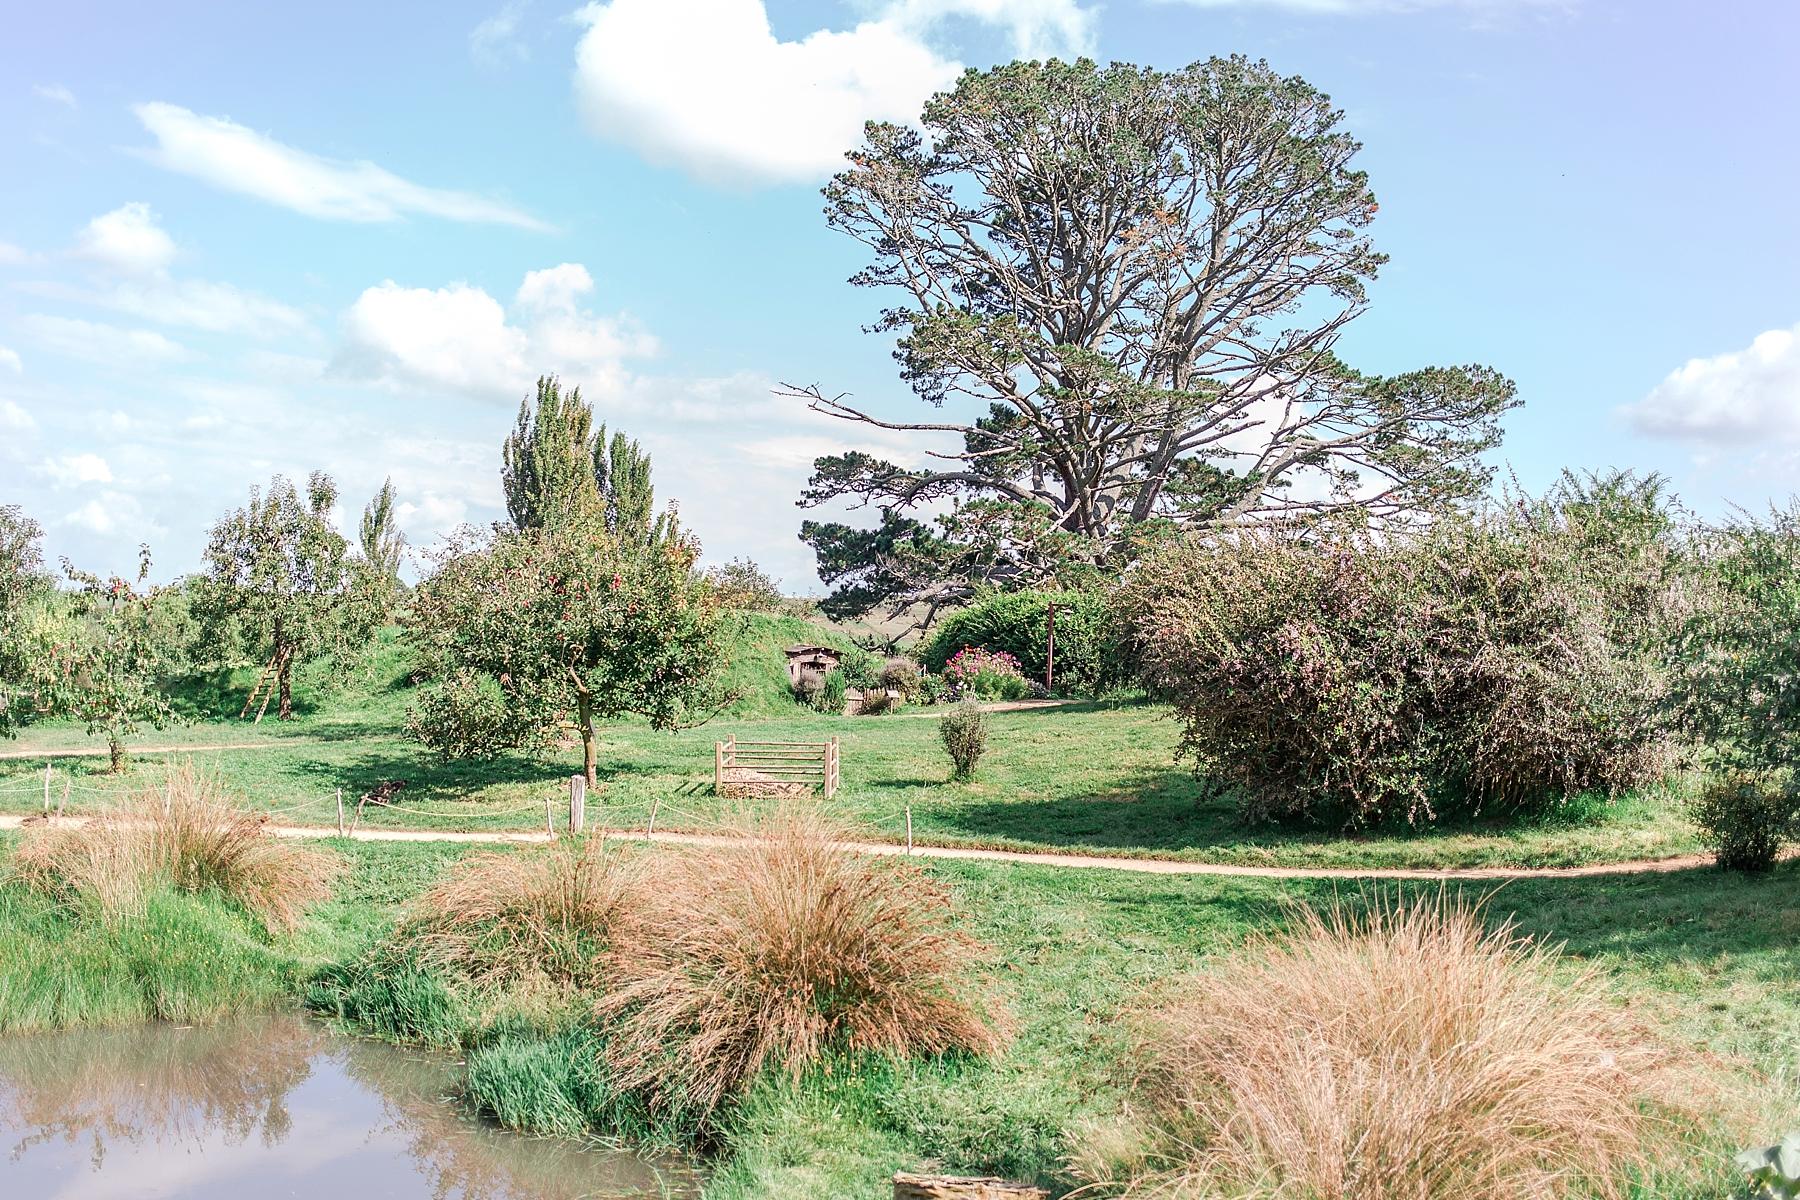 hobbiton-movie-set-matamata-hamilton-north-island-new-zealand-scenery_0247.jpg